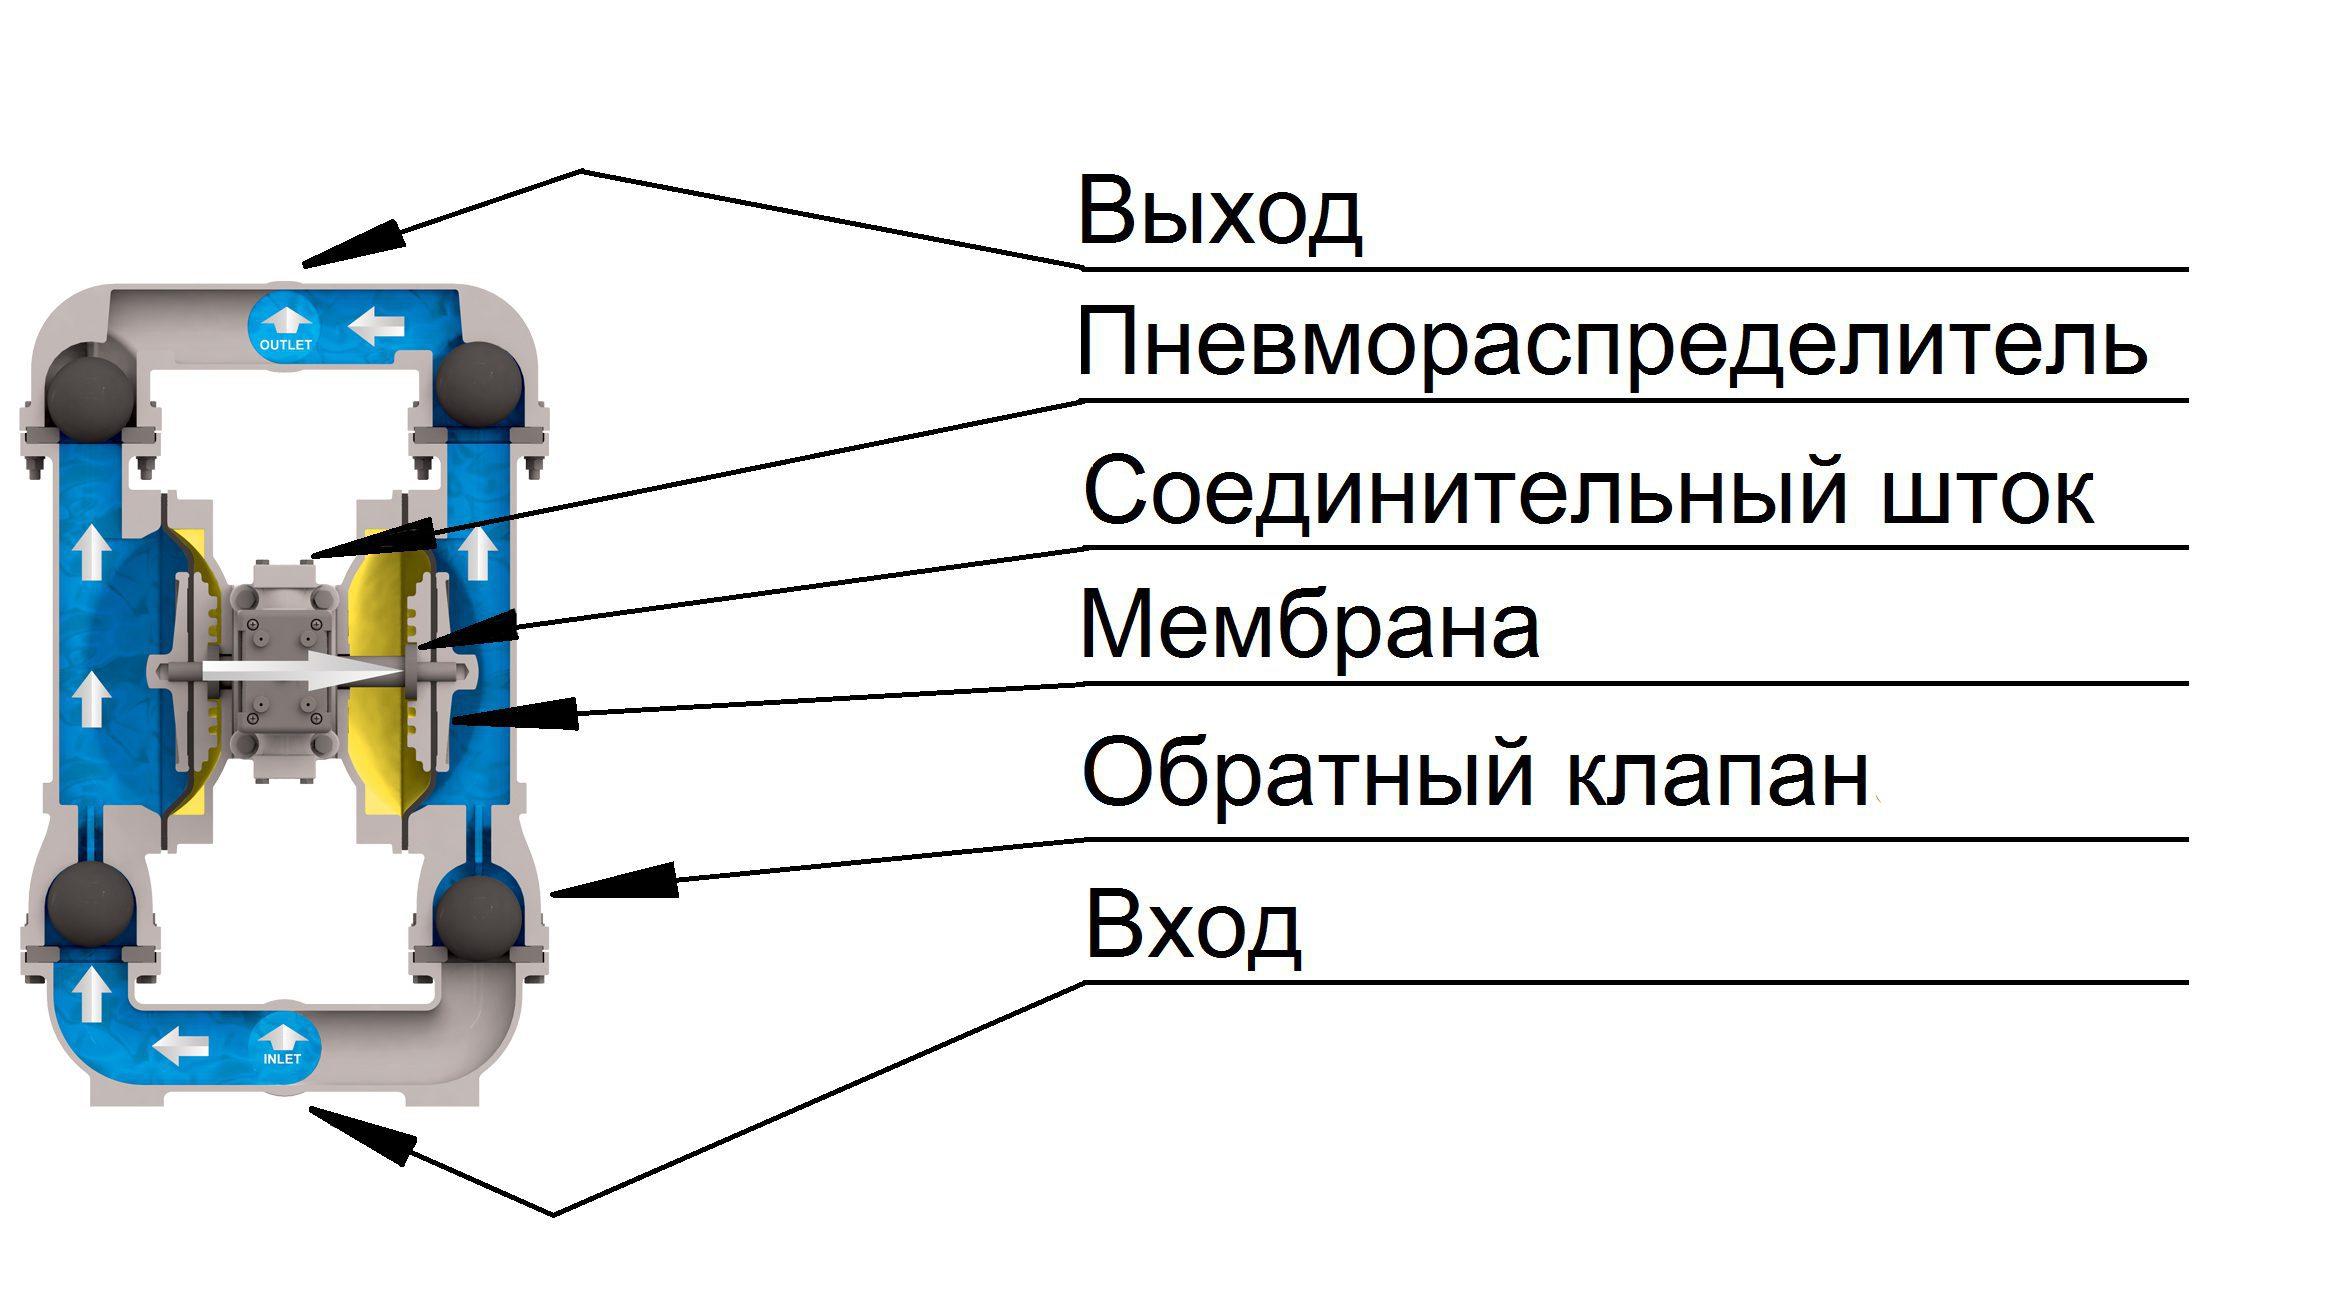 Промышленные насосы Versa-Matic E2 Non-Metallic с болтовым соединением (альтернативное подключение)